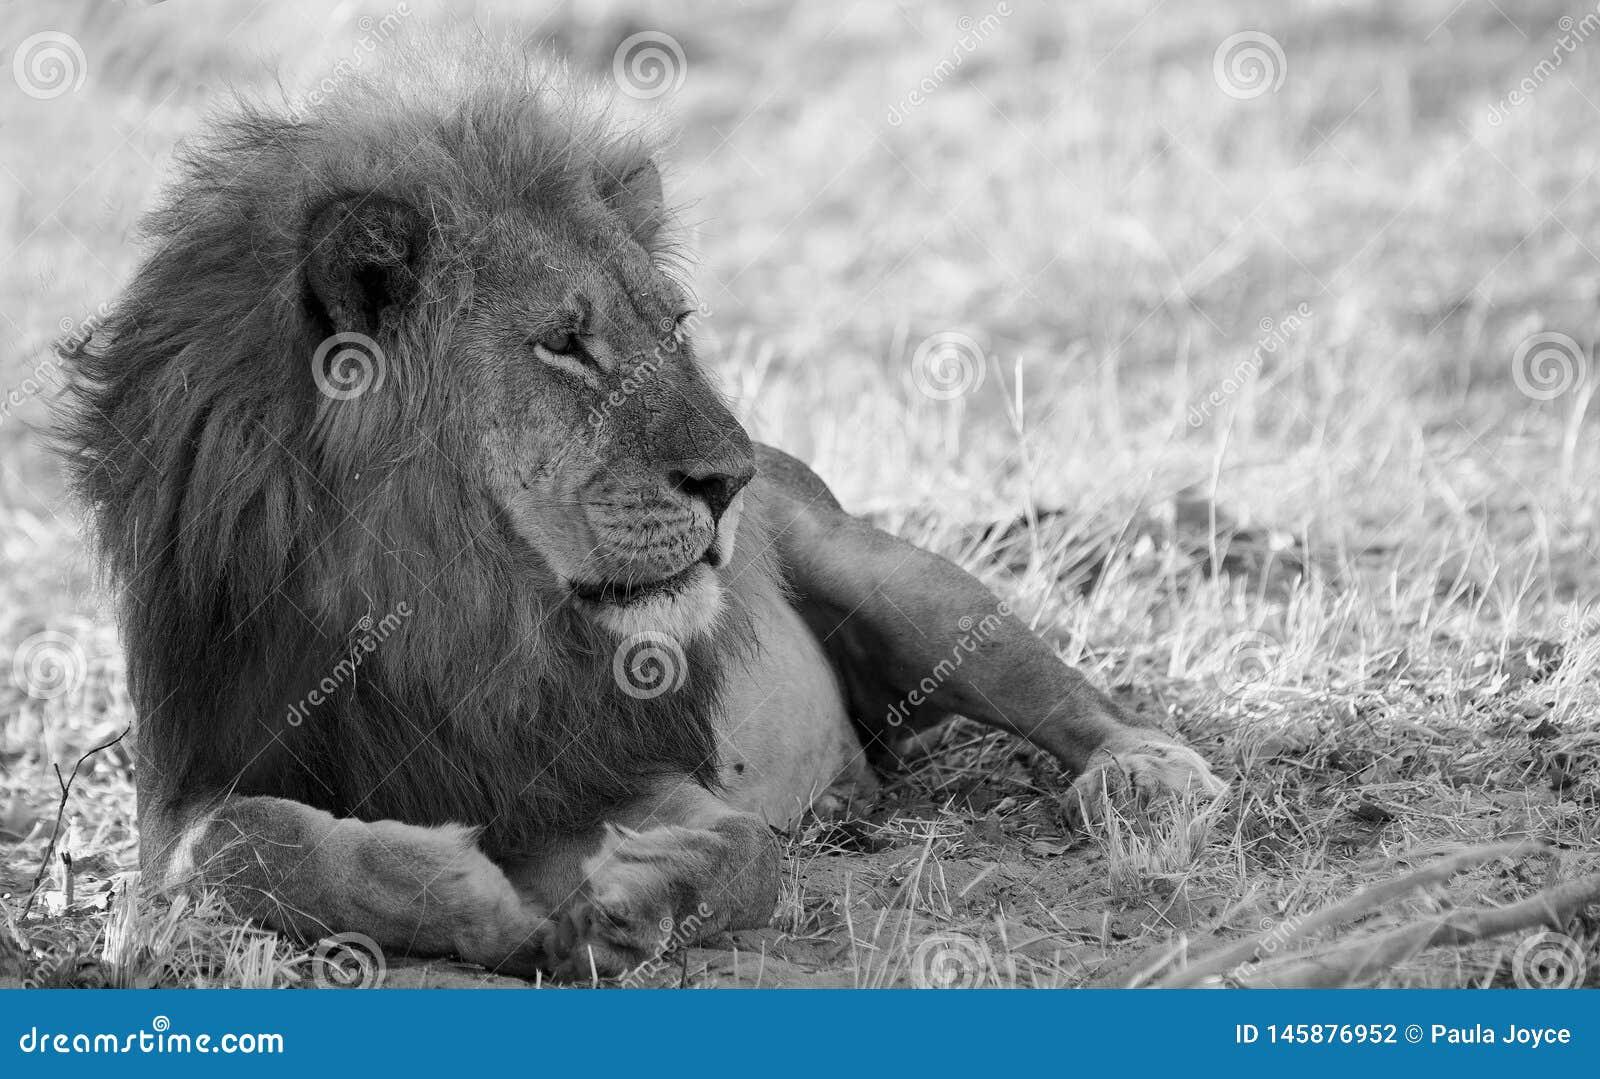 Γραπτή εικόνα ενός αρσενικού αφρικανικού λιονταριού με έναν όμορφο Μάιν, που στηρίζεται στις πεδιάδες στο εθνικό πάρκο Hwange